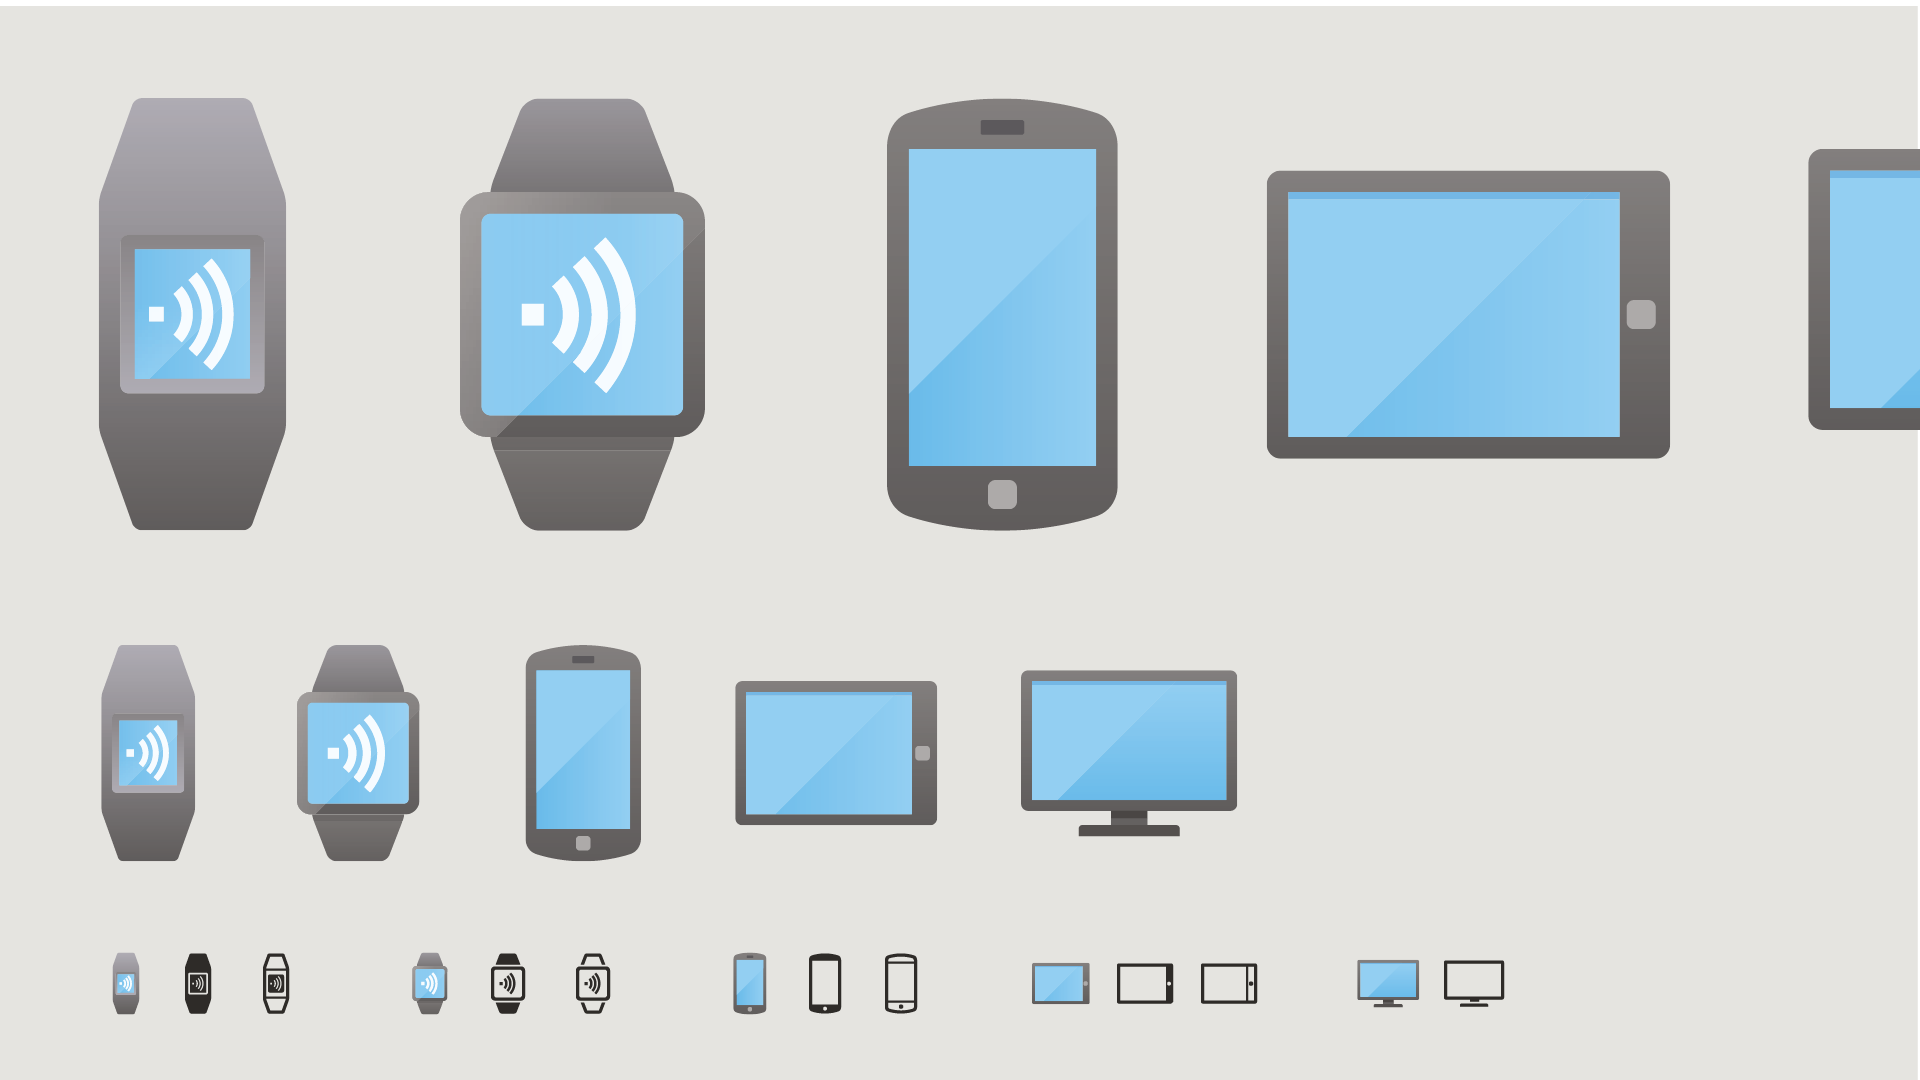 Aus klaren Anforderungen an das Icon Design ergeben sich oft unterschiedliche Formen der Darstellung für eine Icon-Metapher